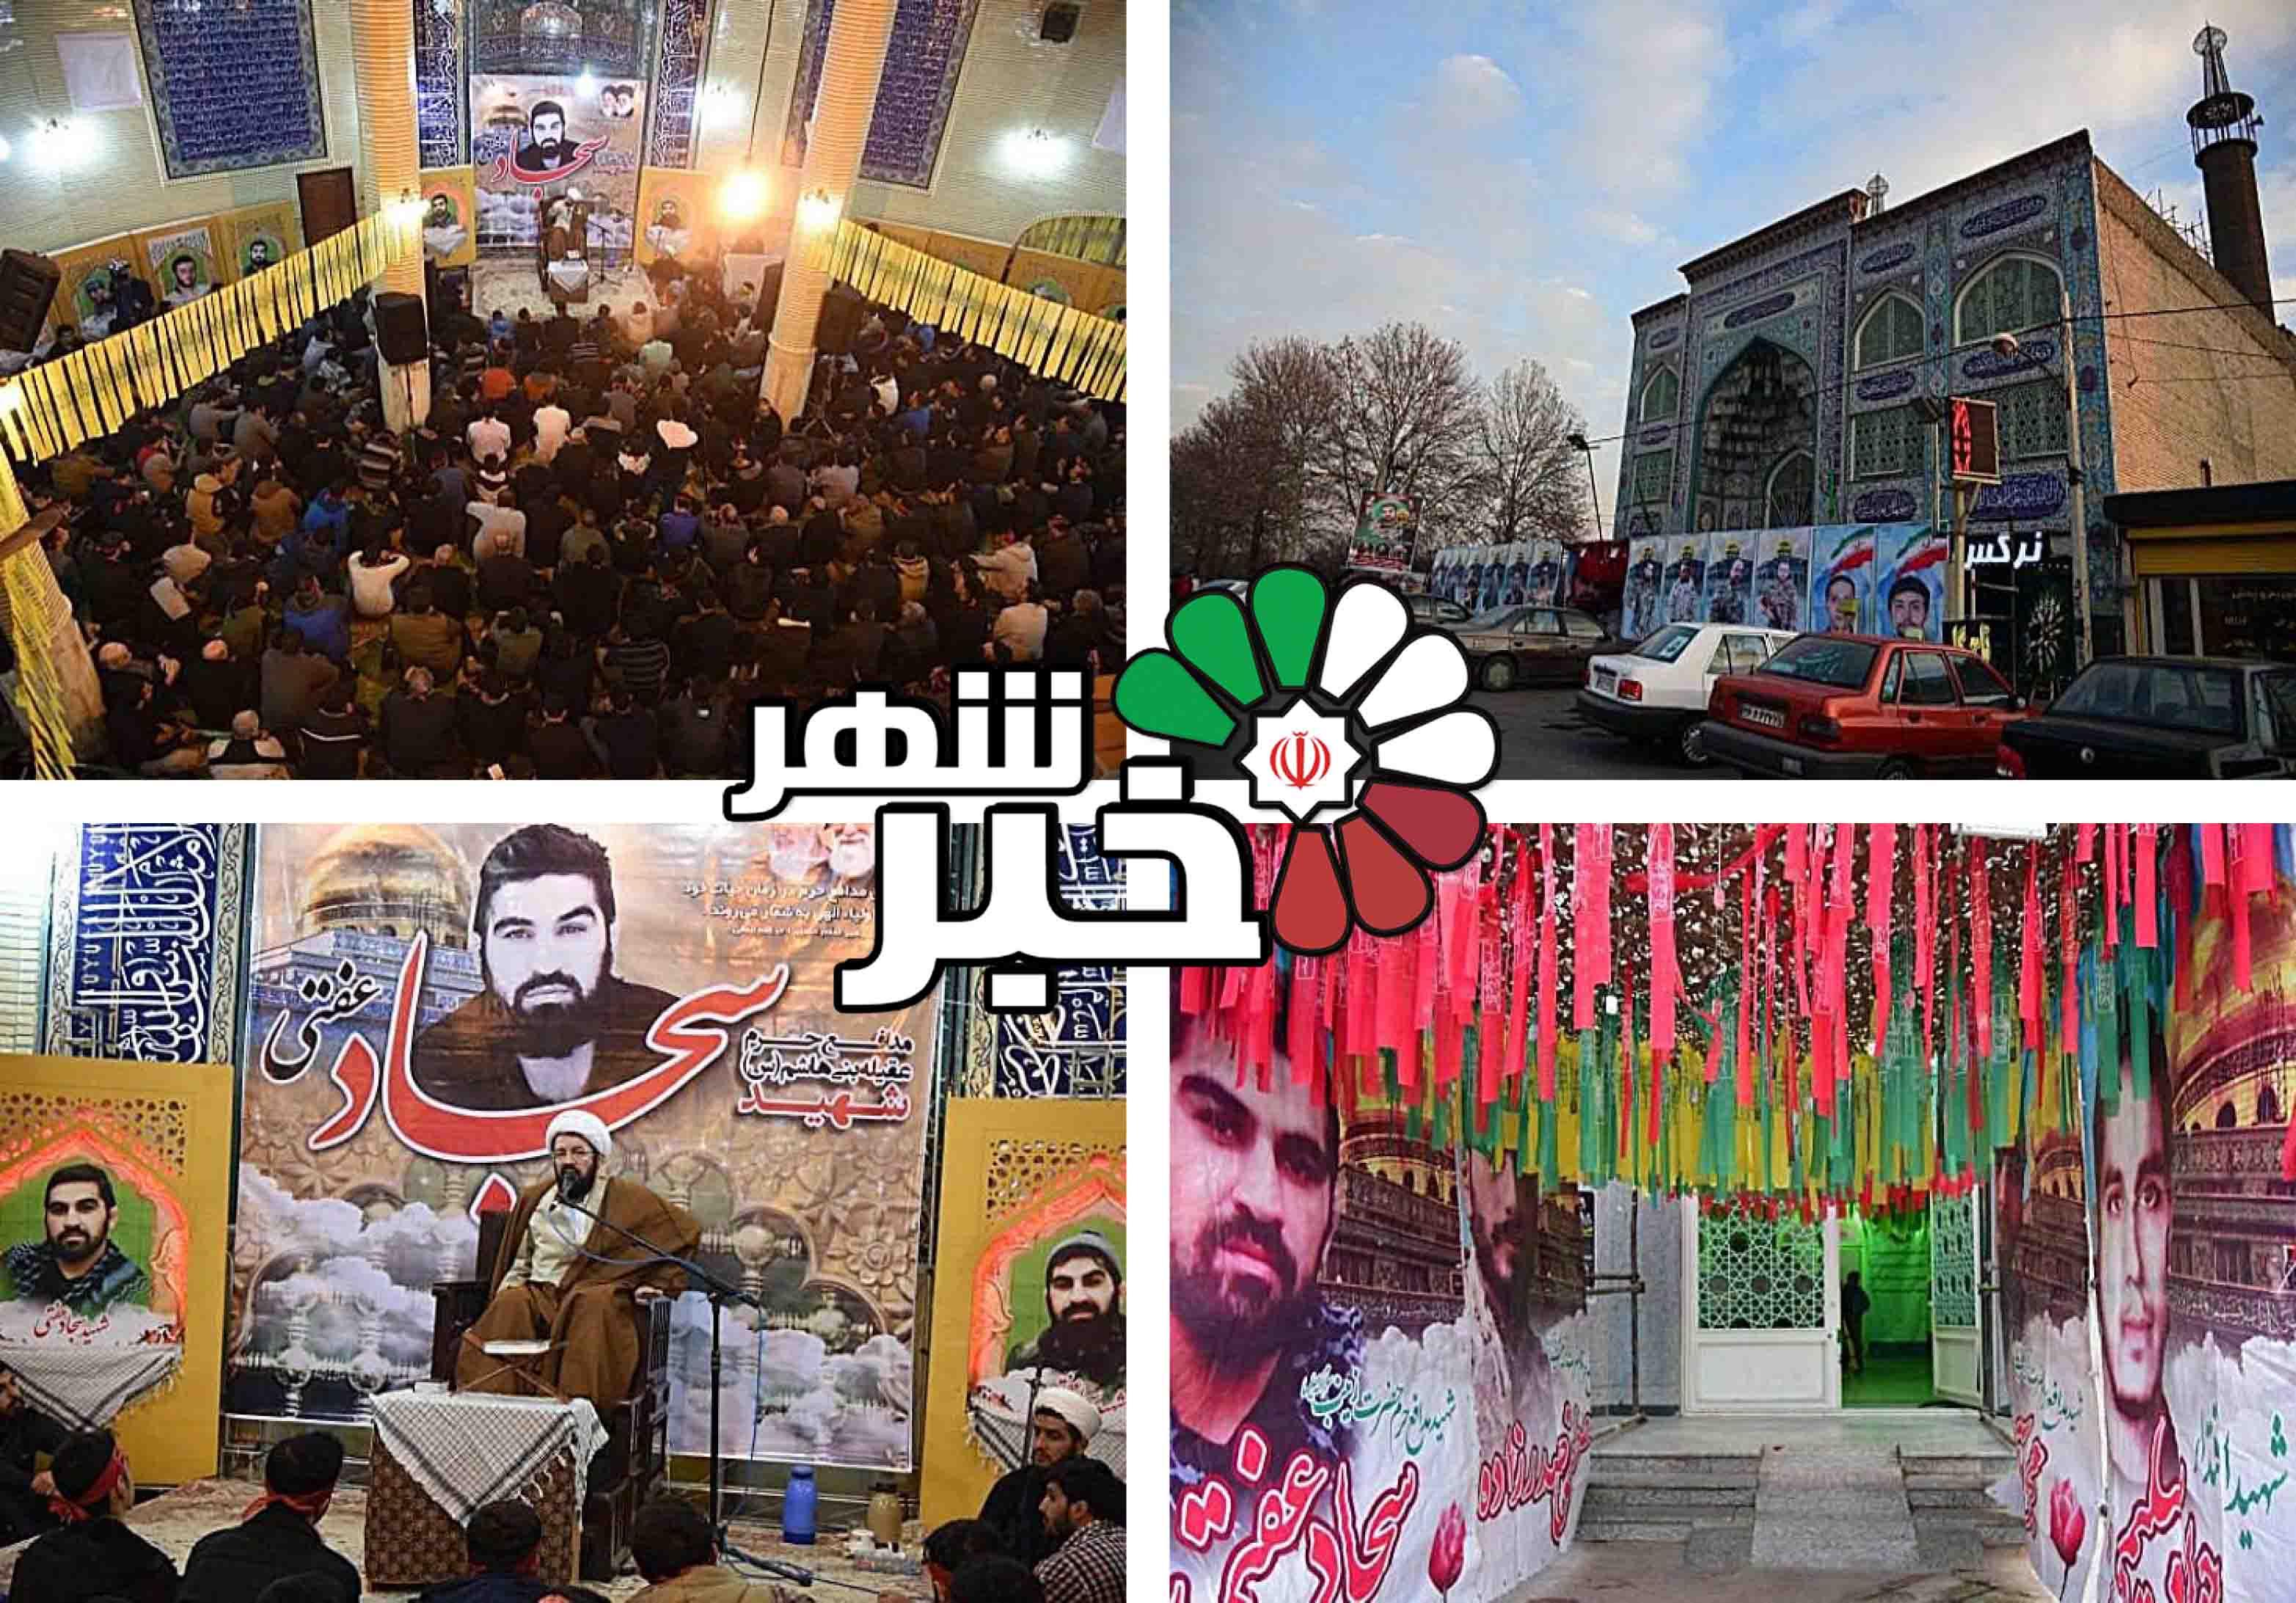 گزارش تصویری از اولین سالگرد  شهادت شهید مدافع حرم ( شهید عفتی )